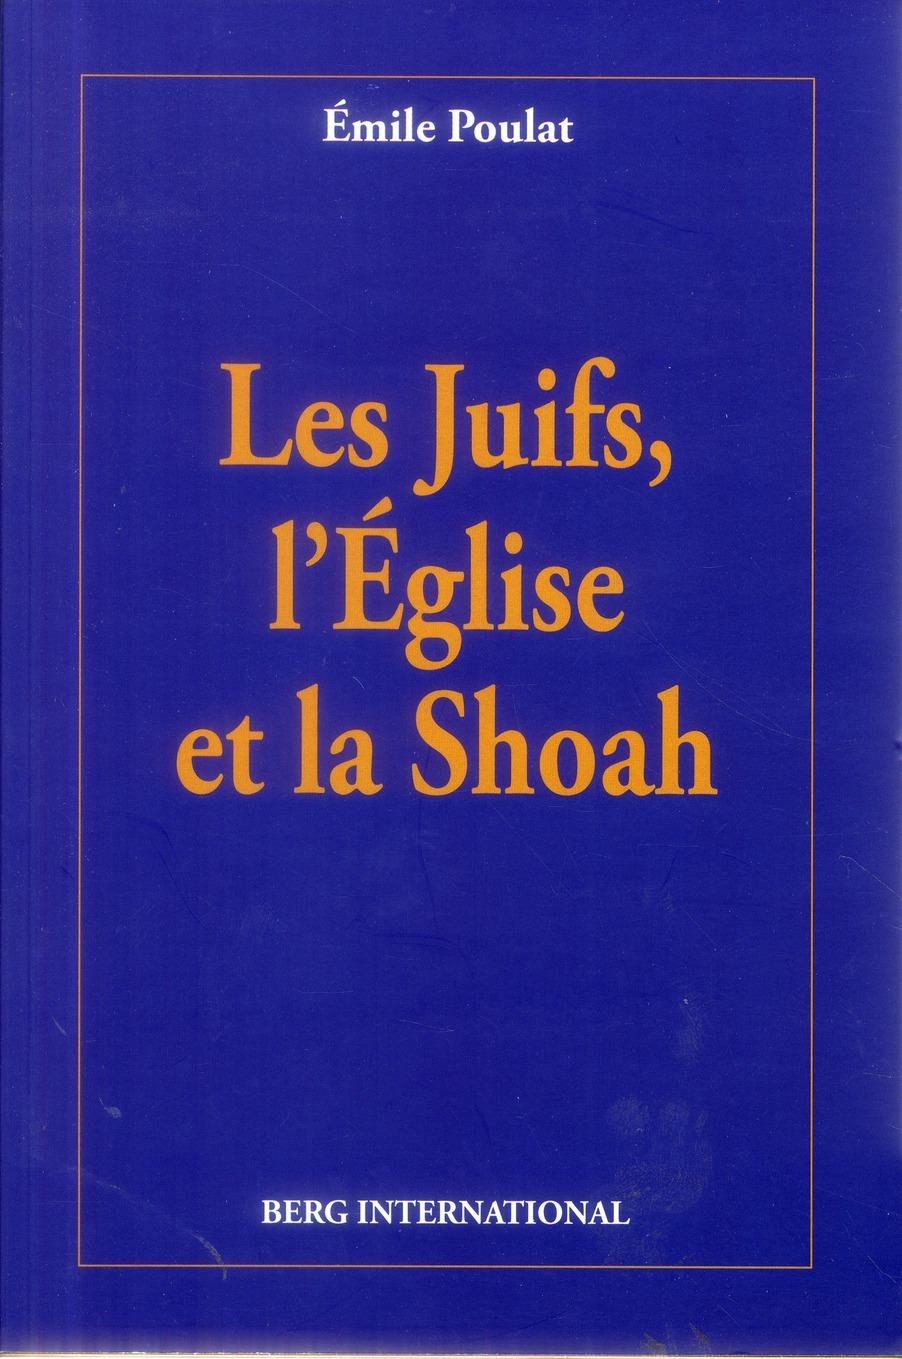 Les juifs, l'église et la shoah